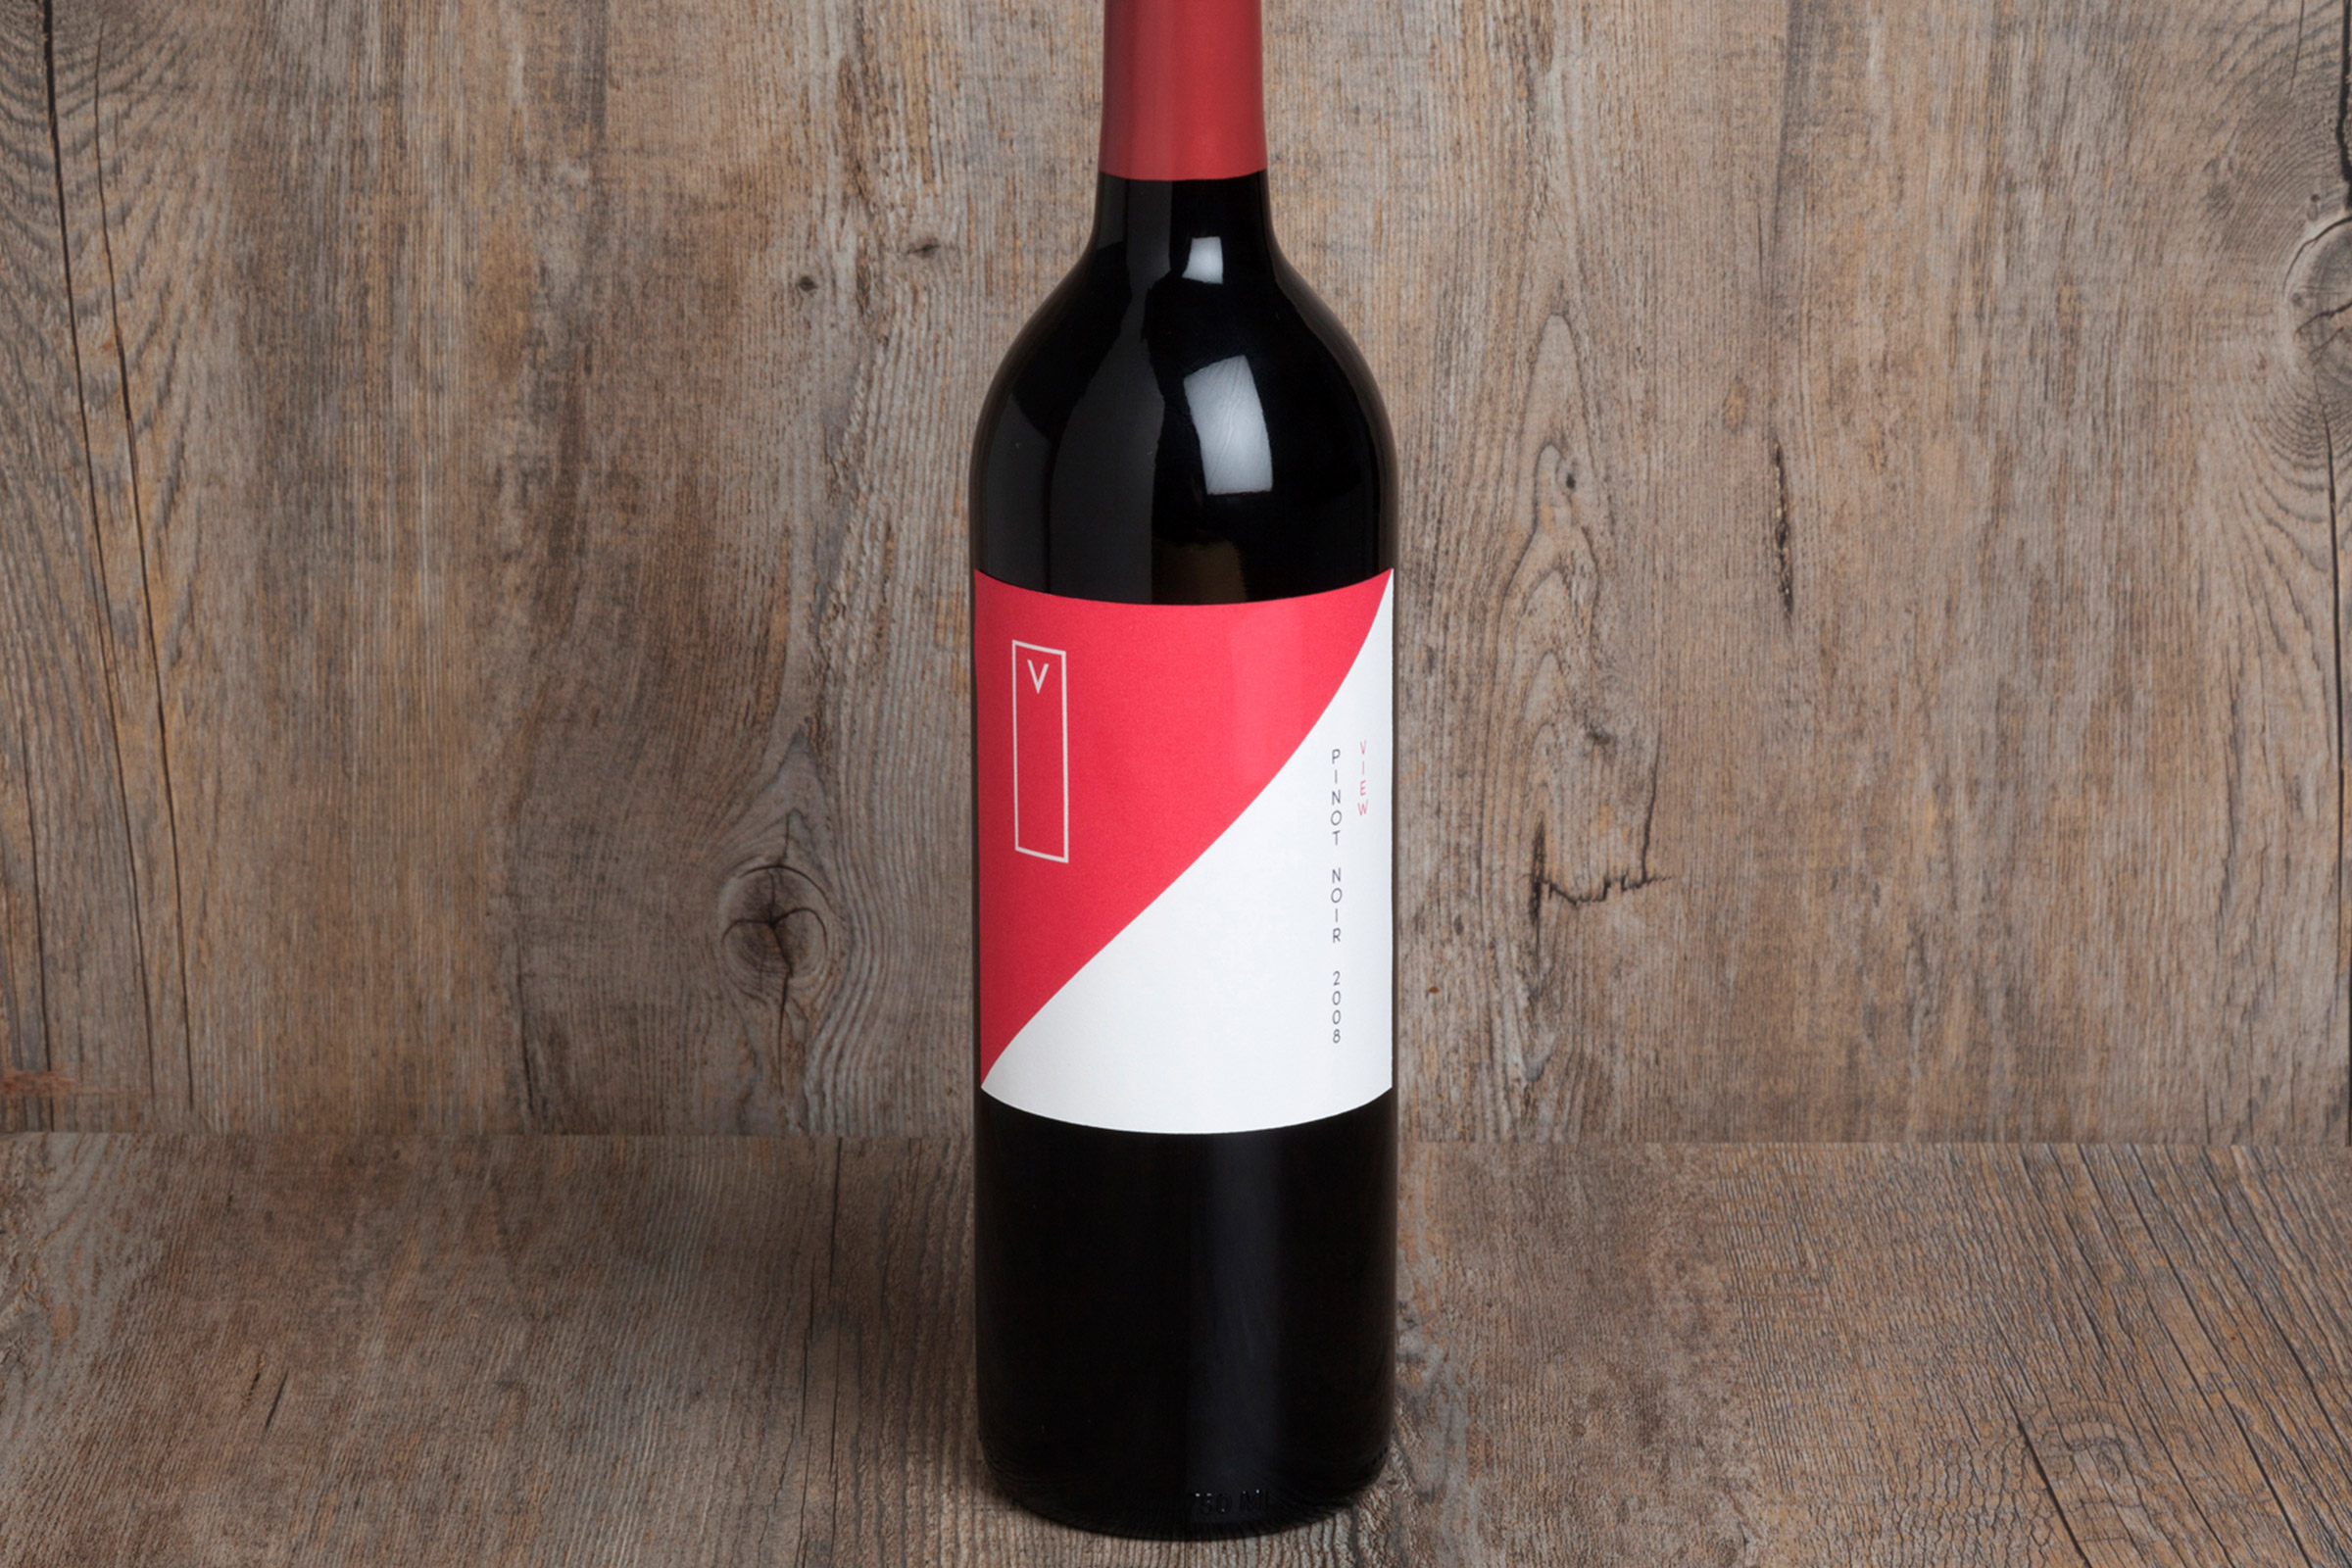 Restaurant, Branding, Wein, Vodafone